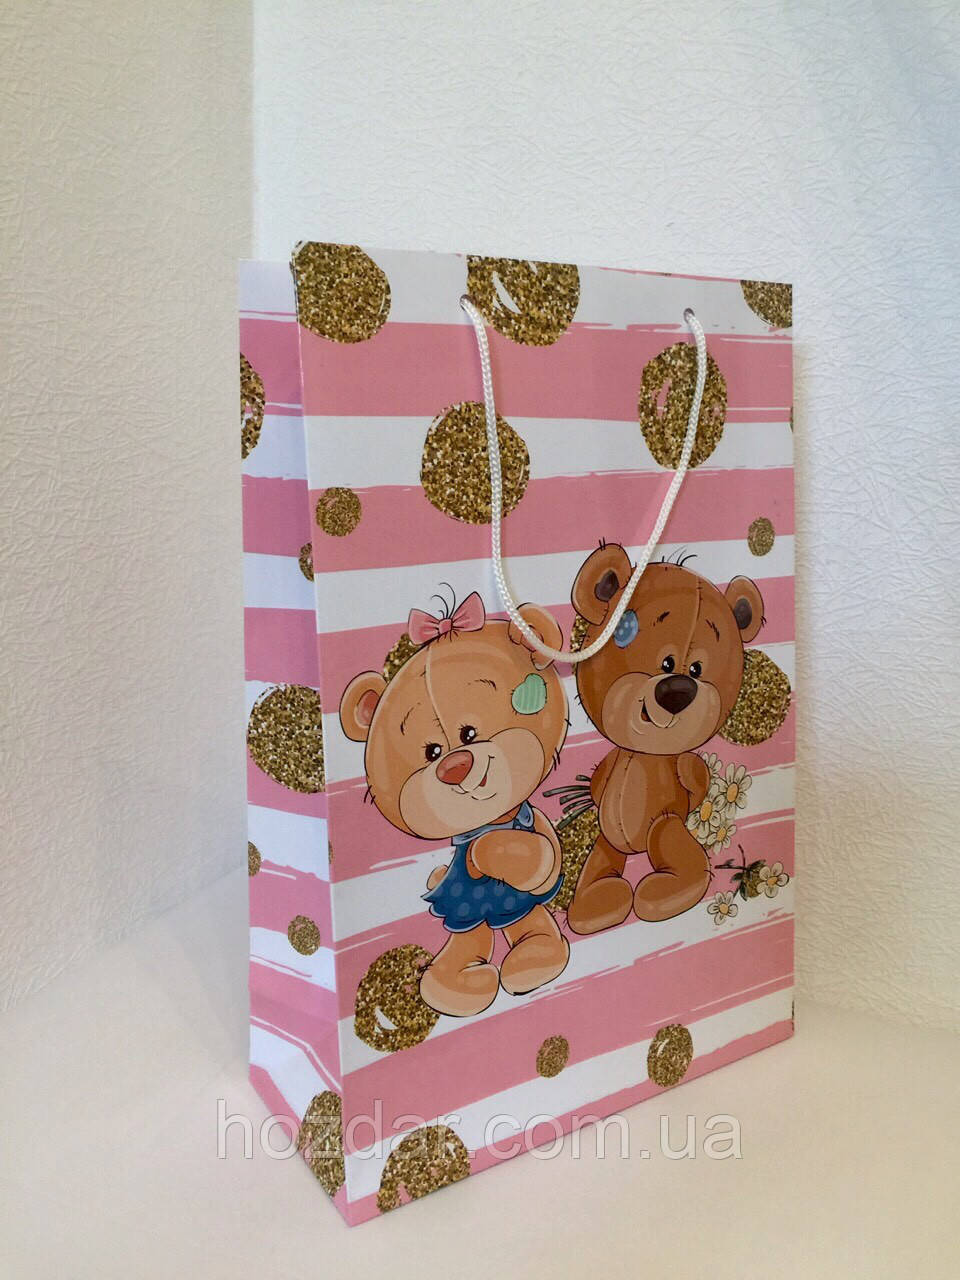 Пакет подарочный бумажный формат А 4 21х31х9 (30-004)